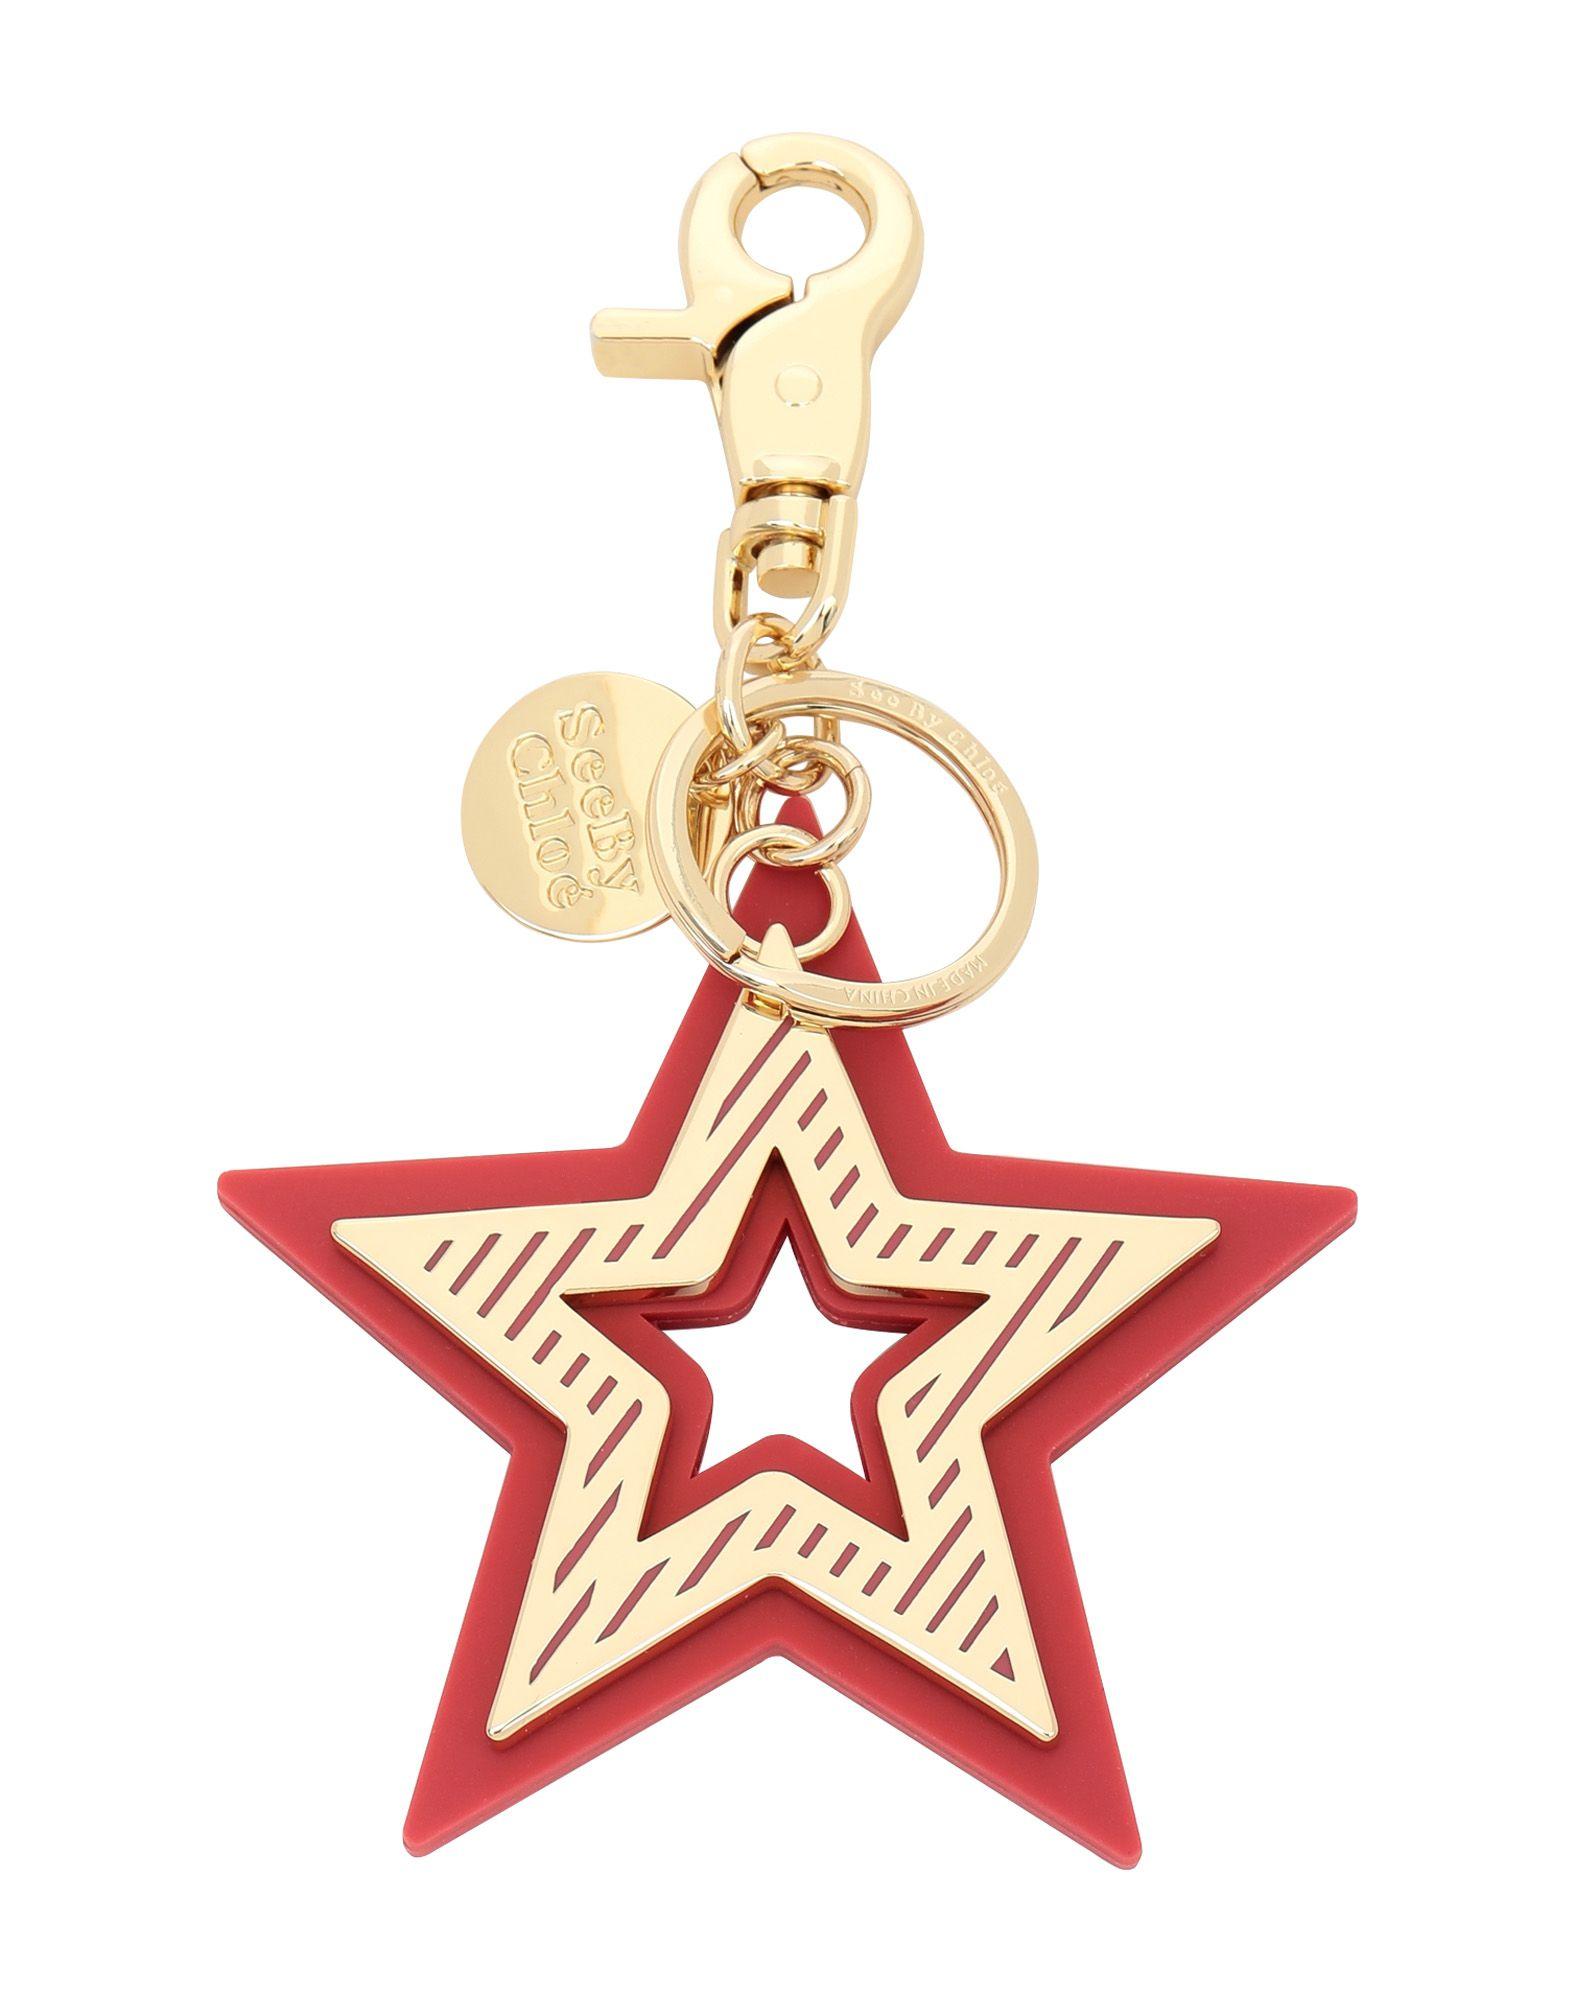 SEE BY CHLOÉ Брелок для ключей jobon zhongyin брелок для ключей кольцо для ключей цепочка для ключей мать двойной брелок для ключа талия висит zb 020b черный